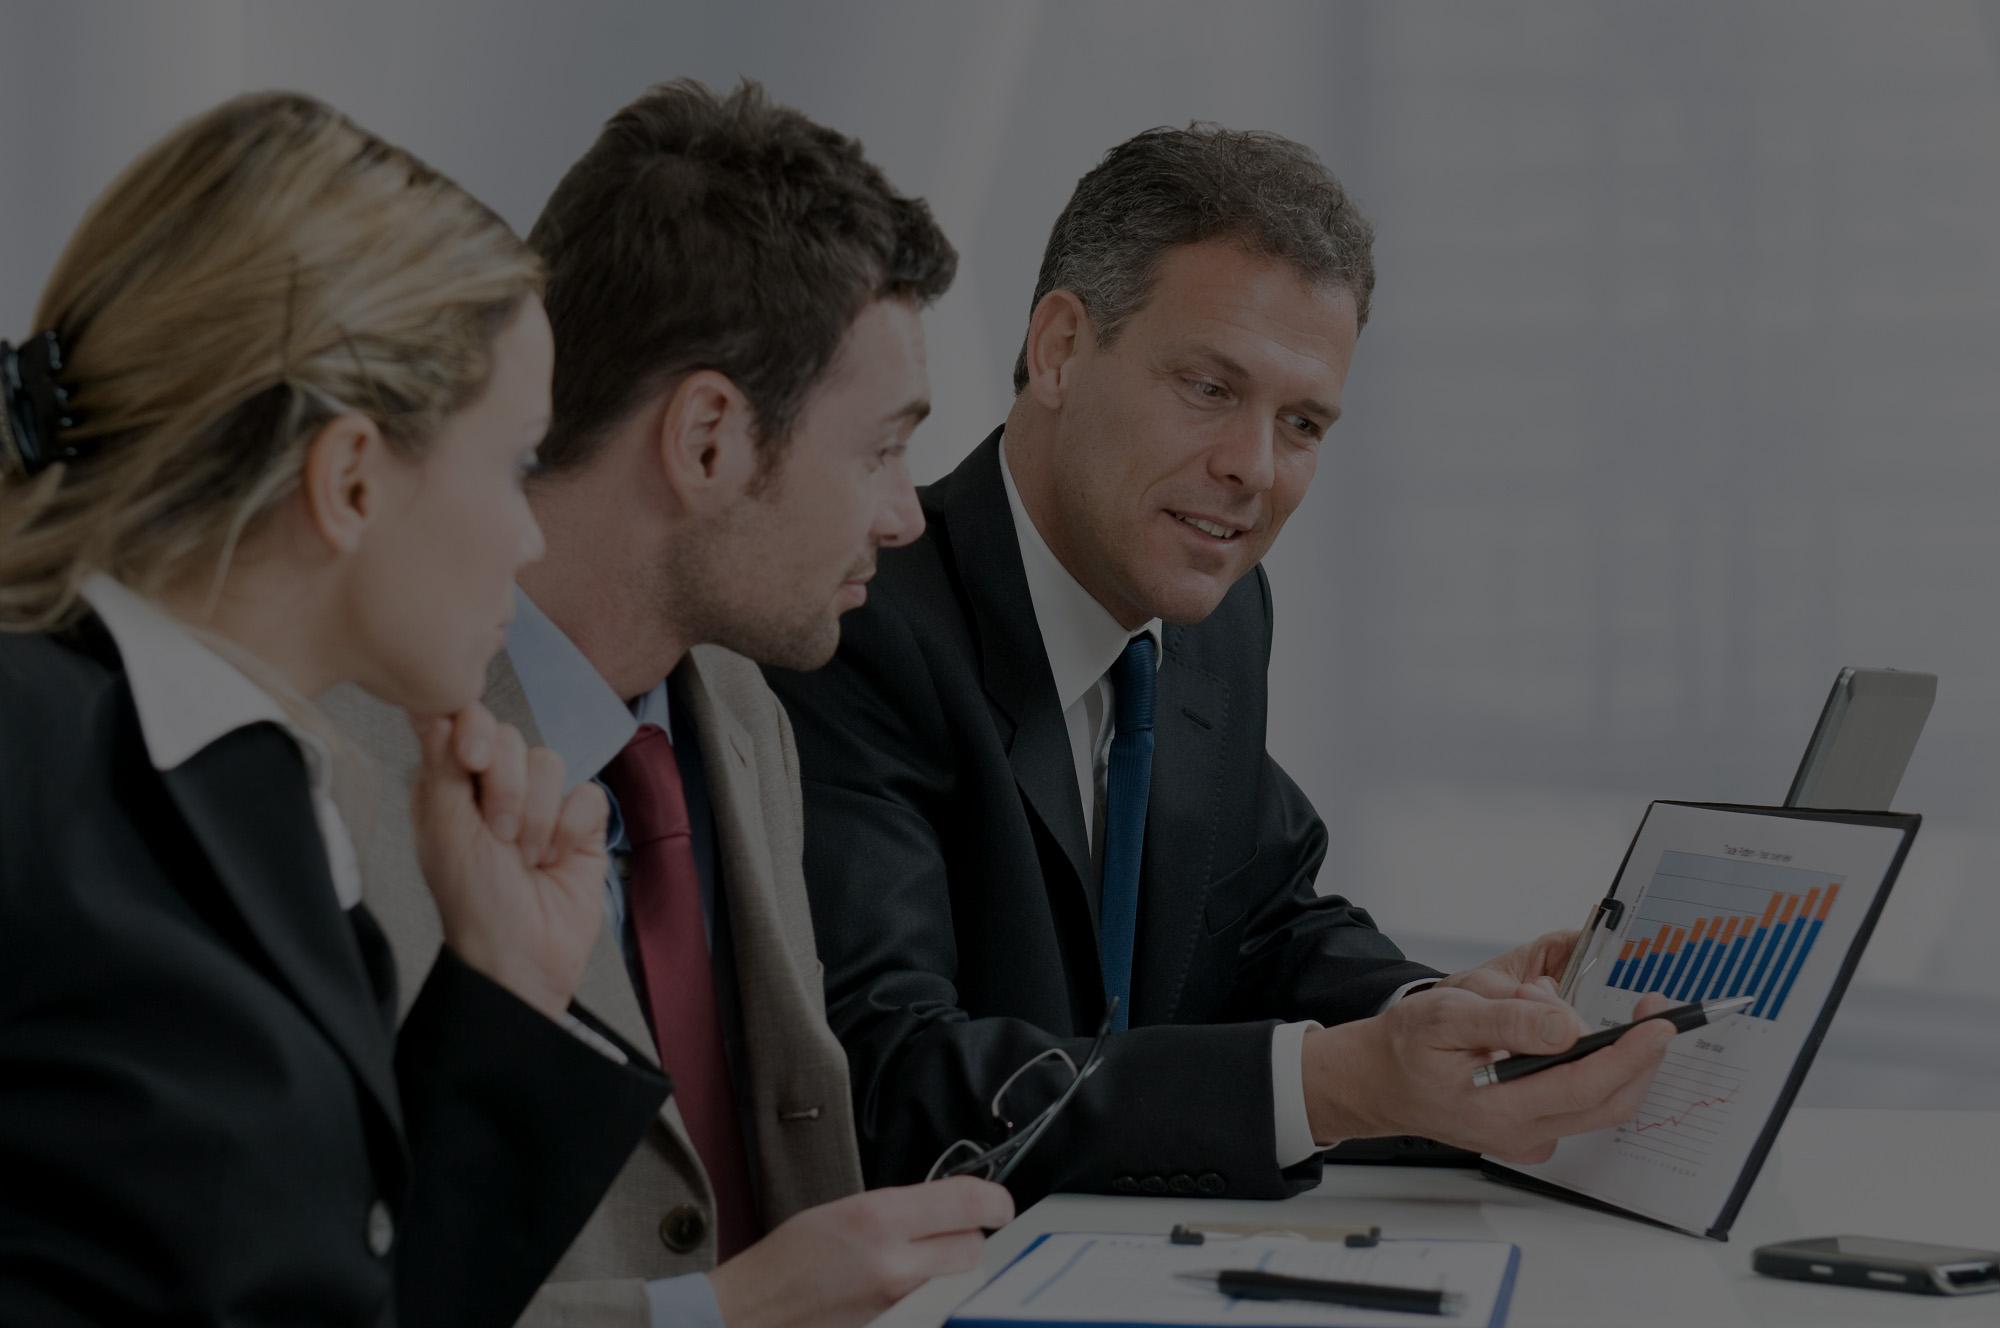 Управление - что такое управление: понятие и виды управления персоналом и государством